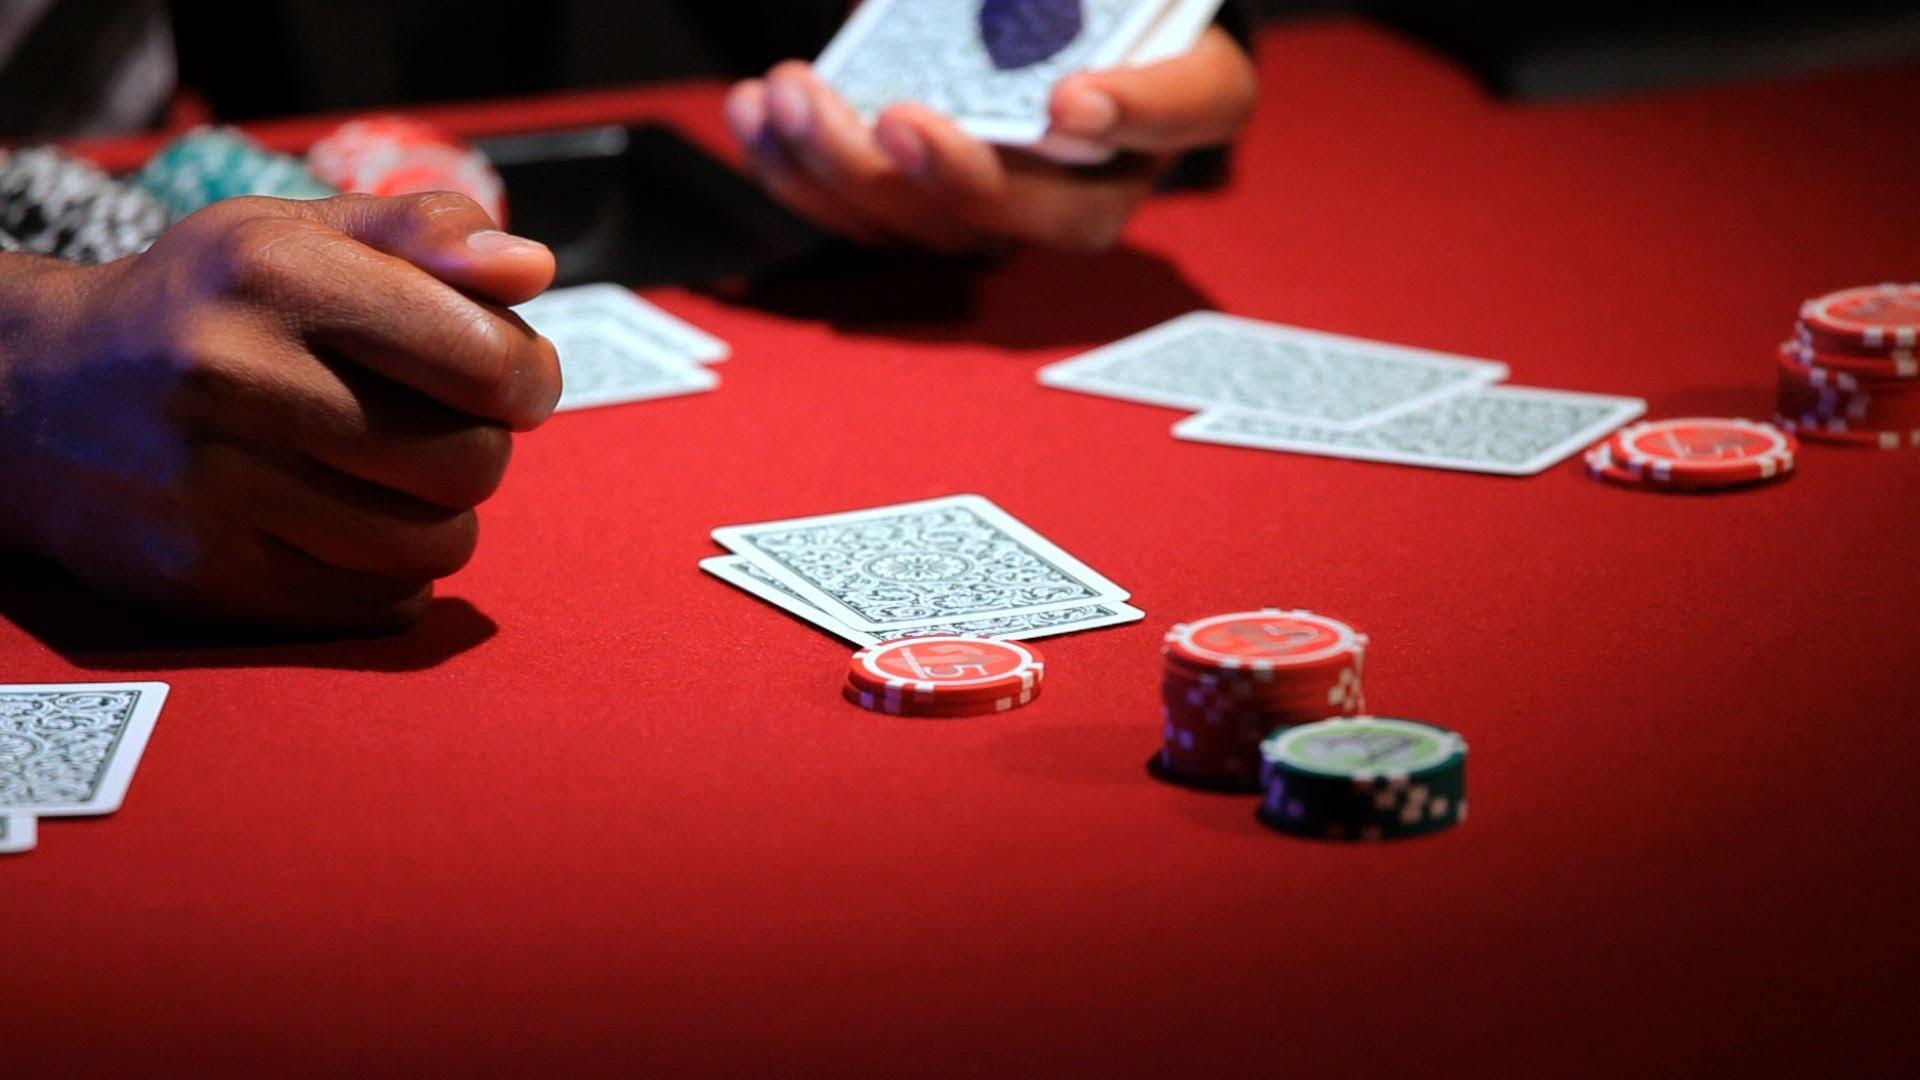 Pemilihan Agen Terpercaya Dan Cara Bermain Bandar Poker Onlinenya